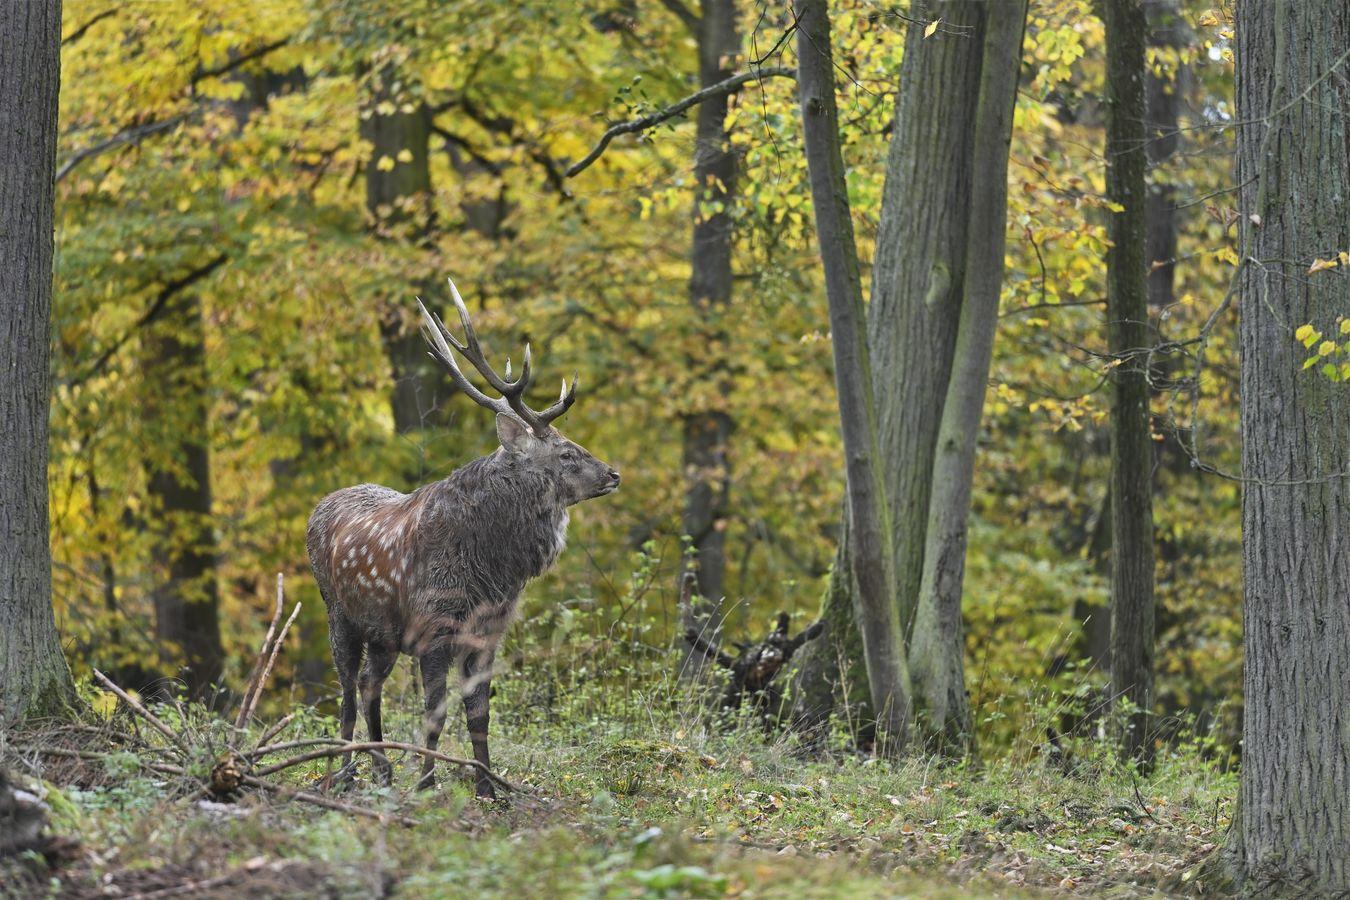 obrázky z podzimního lesa (2)